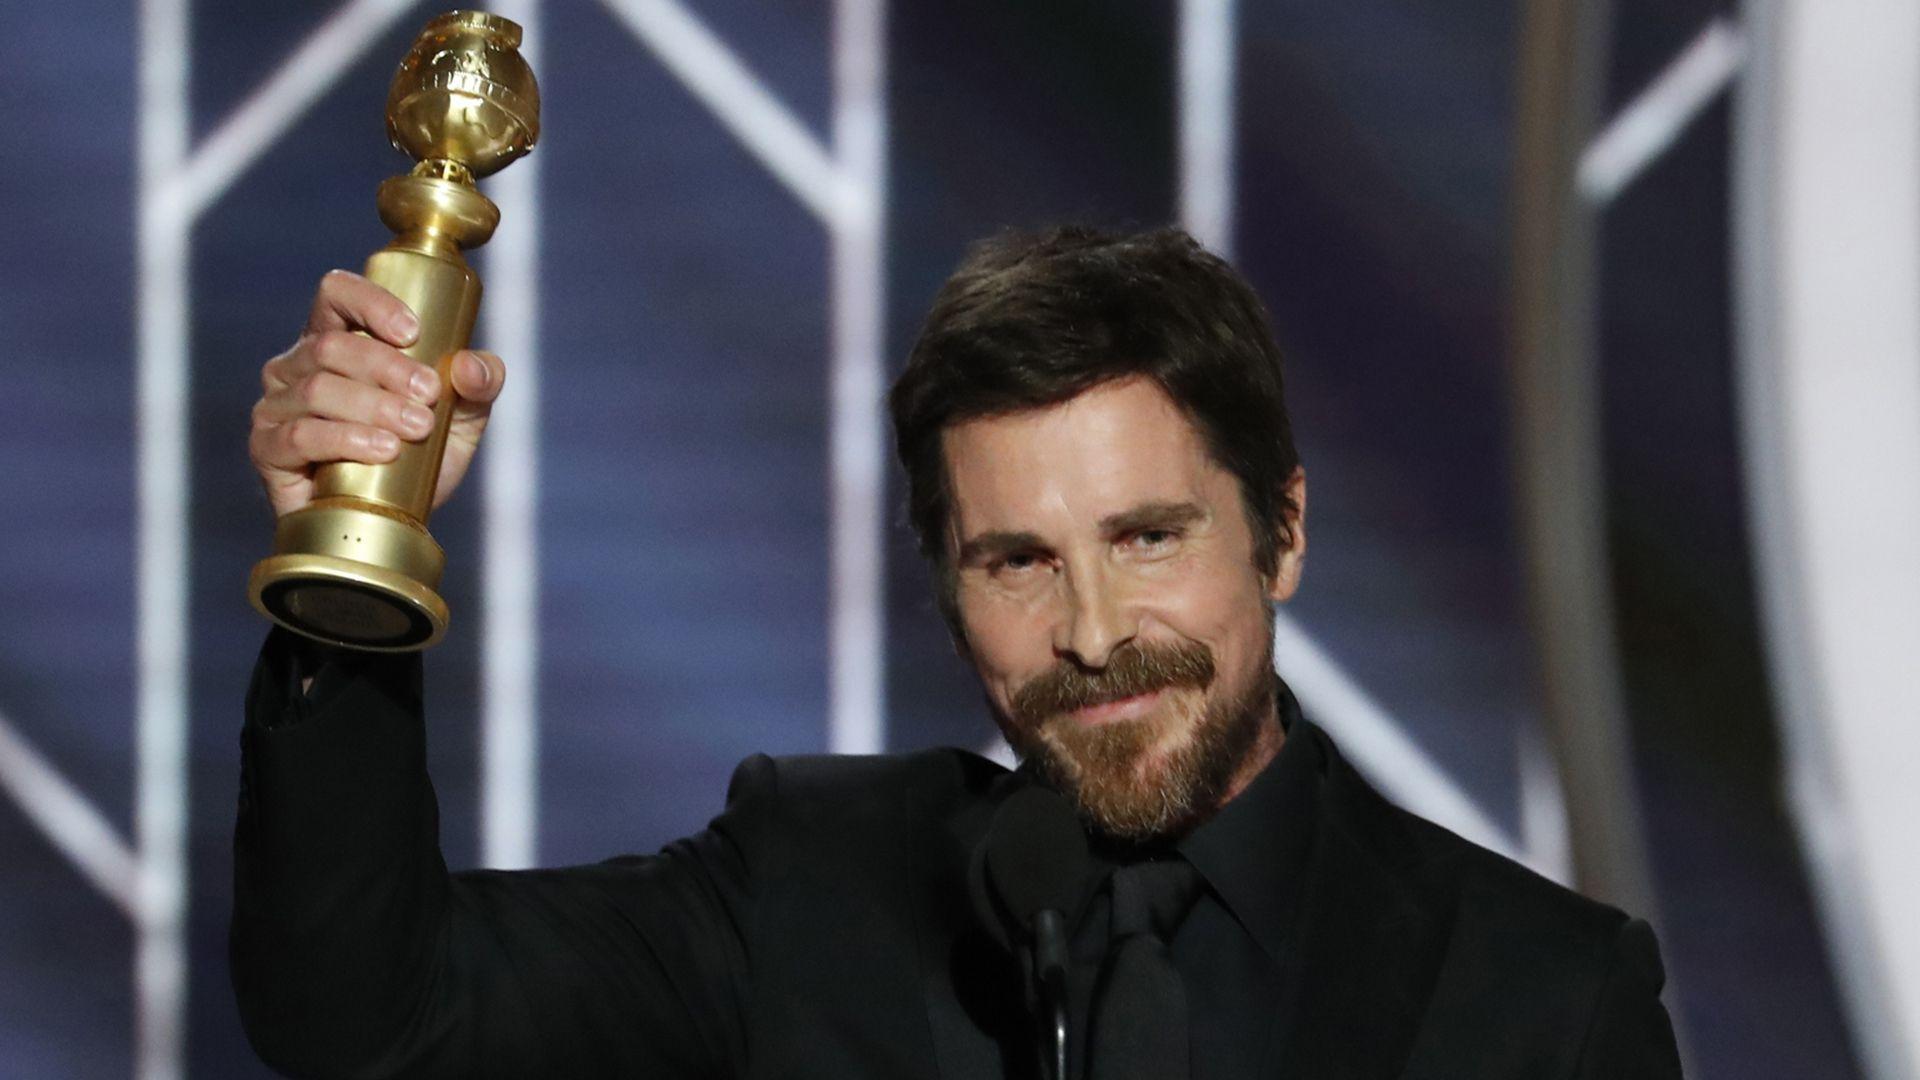 """En 2019, fue premiado con un Globo de Oro por su papel de Dick Cheney en """"El Vicio del Poder"""". Al recoger el galardón dio las gracias al diablo (Foto: Reuters)"""